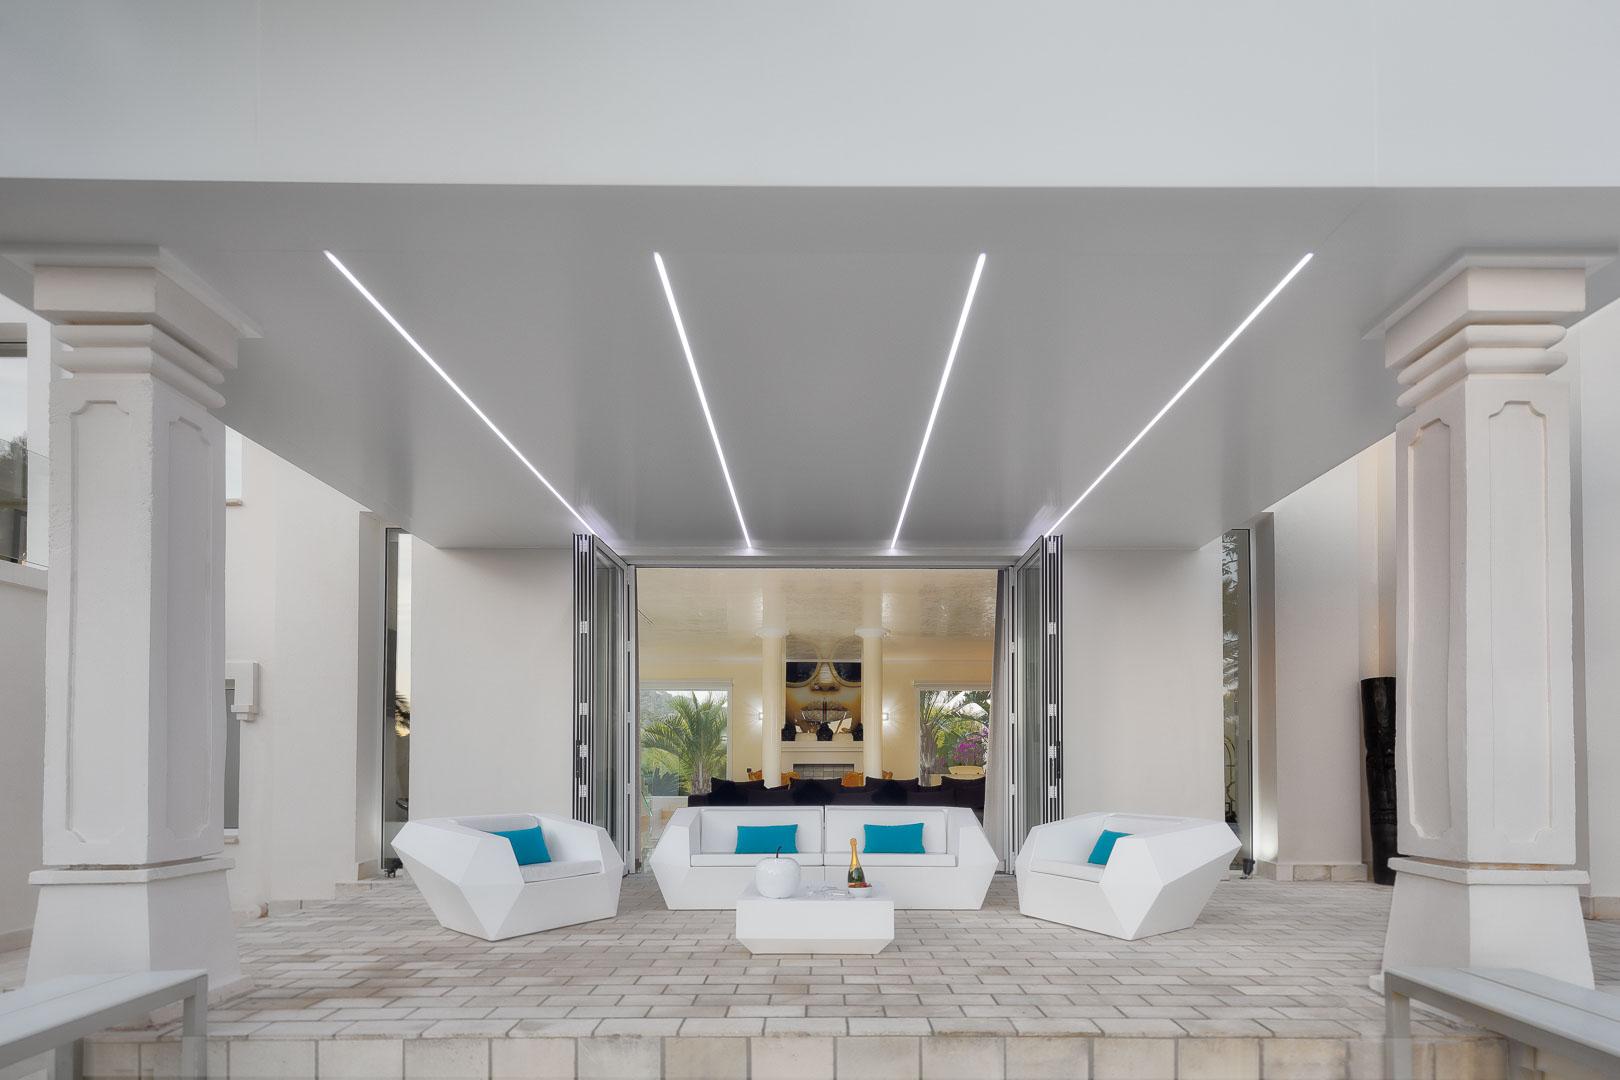 Villa real estate mesa terraza exterior vista interior salón